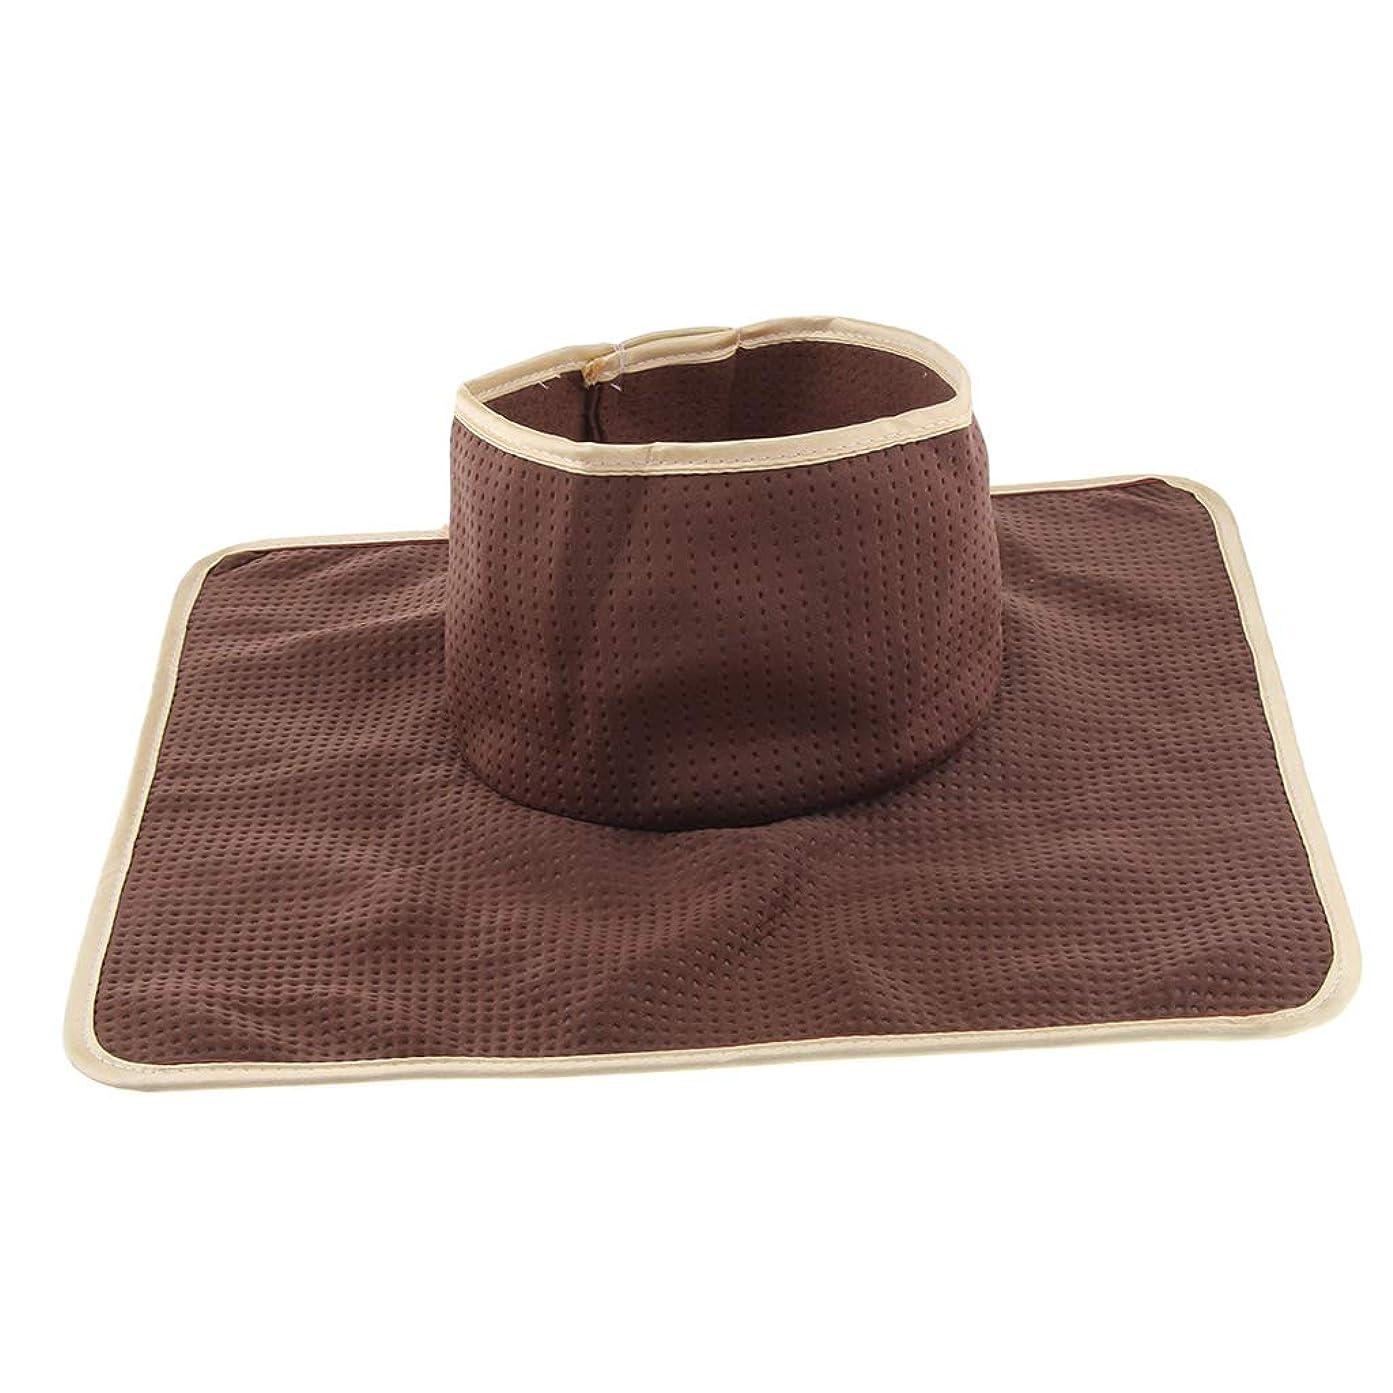 何もない遺伝的緩めるFLAMEER マッサージベッド サロンテーブル シート パッド 頭の穴 洗濯可能 約35×35cm 全3色 - コーヒー